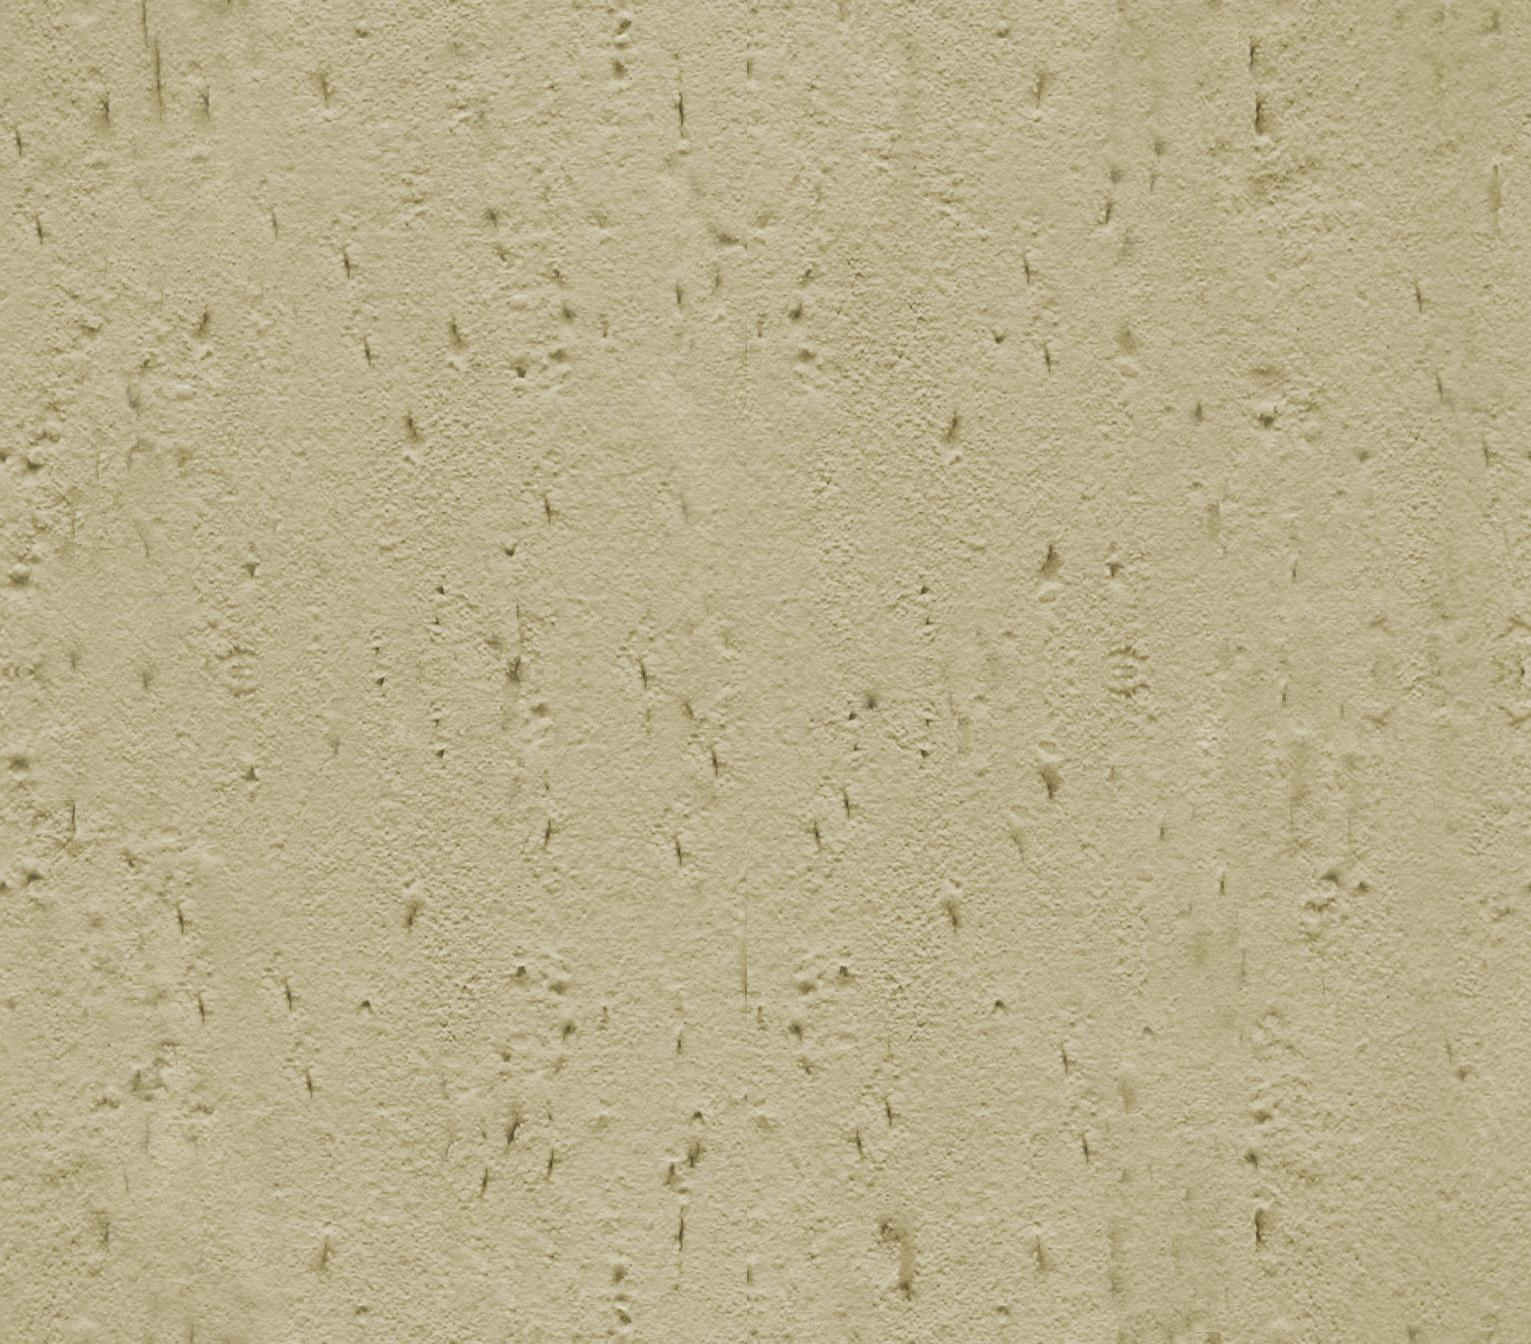 바닥이나 벽면 벽 텍스쳐 모음 범프 포함